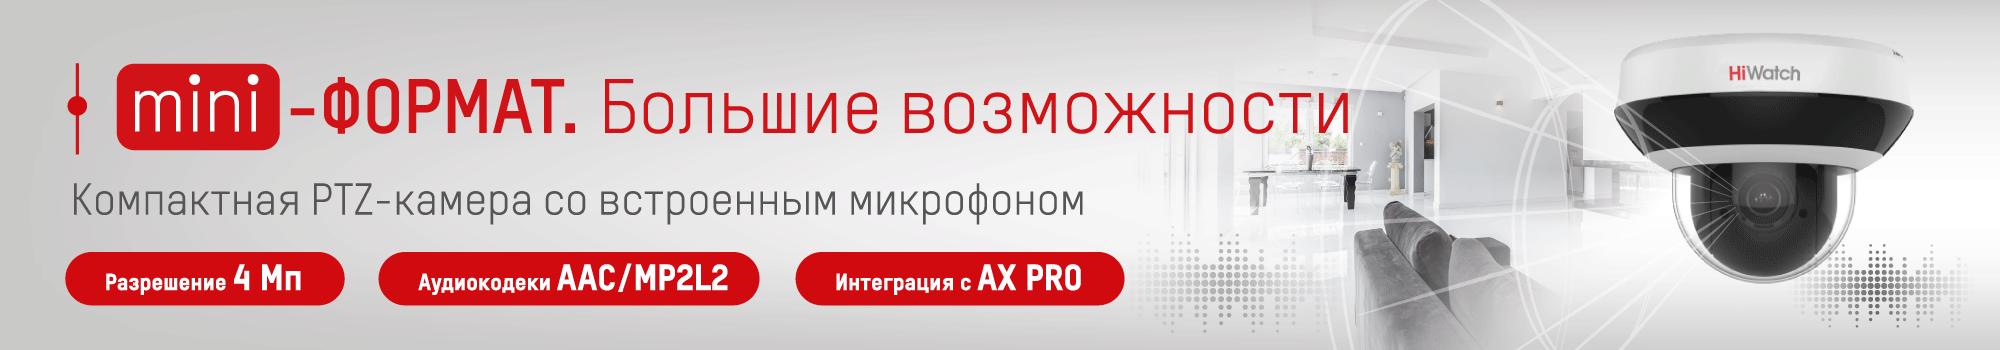 mini-ptz-ds-i405m-2000350_2